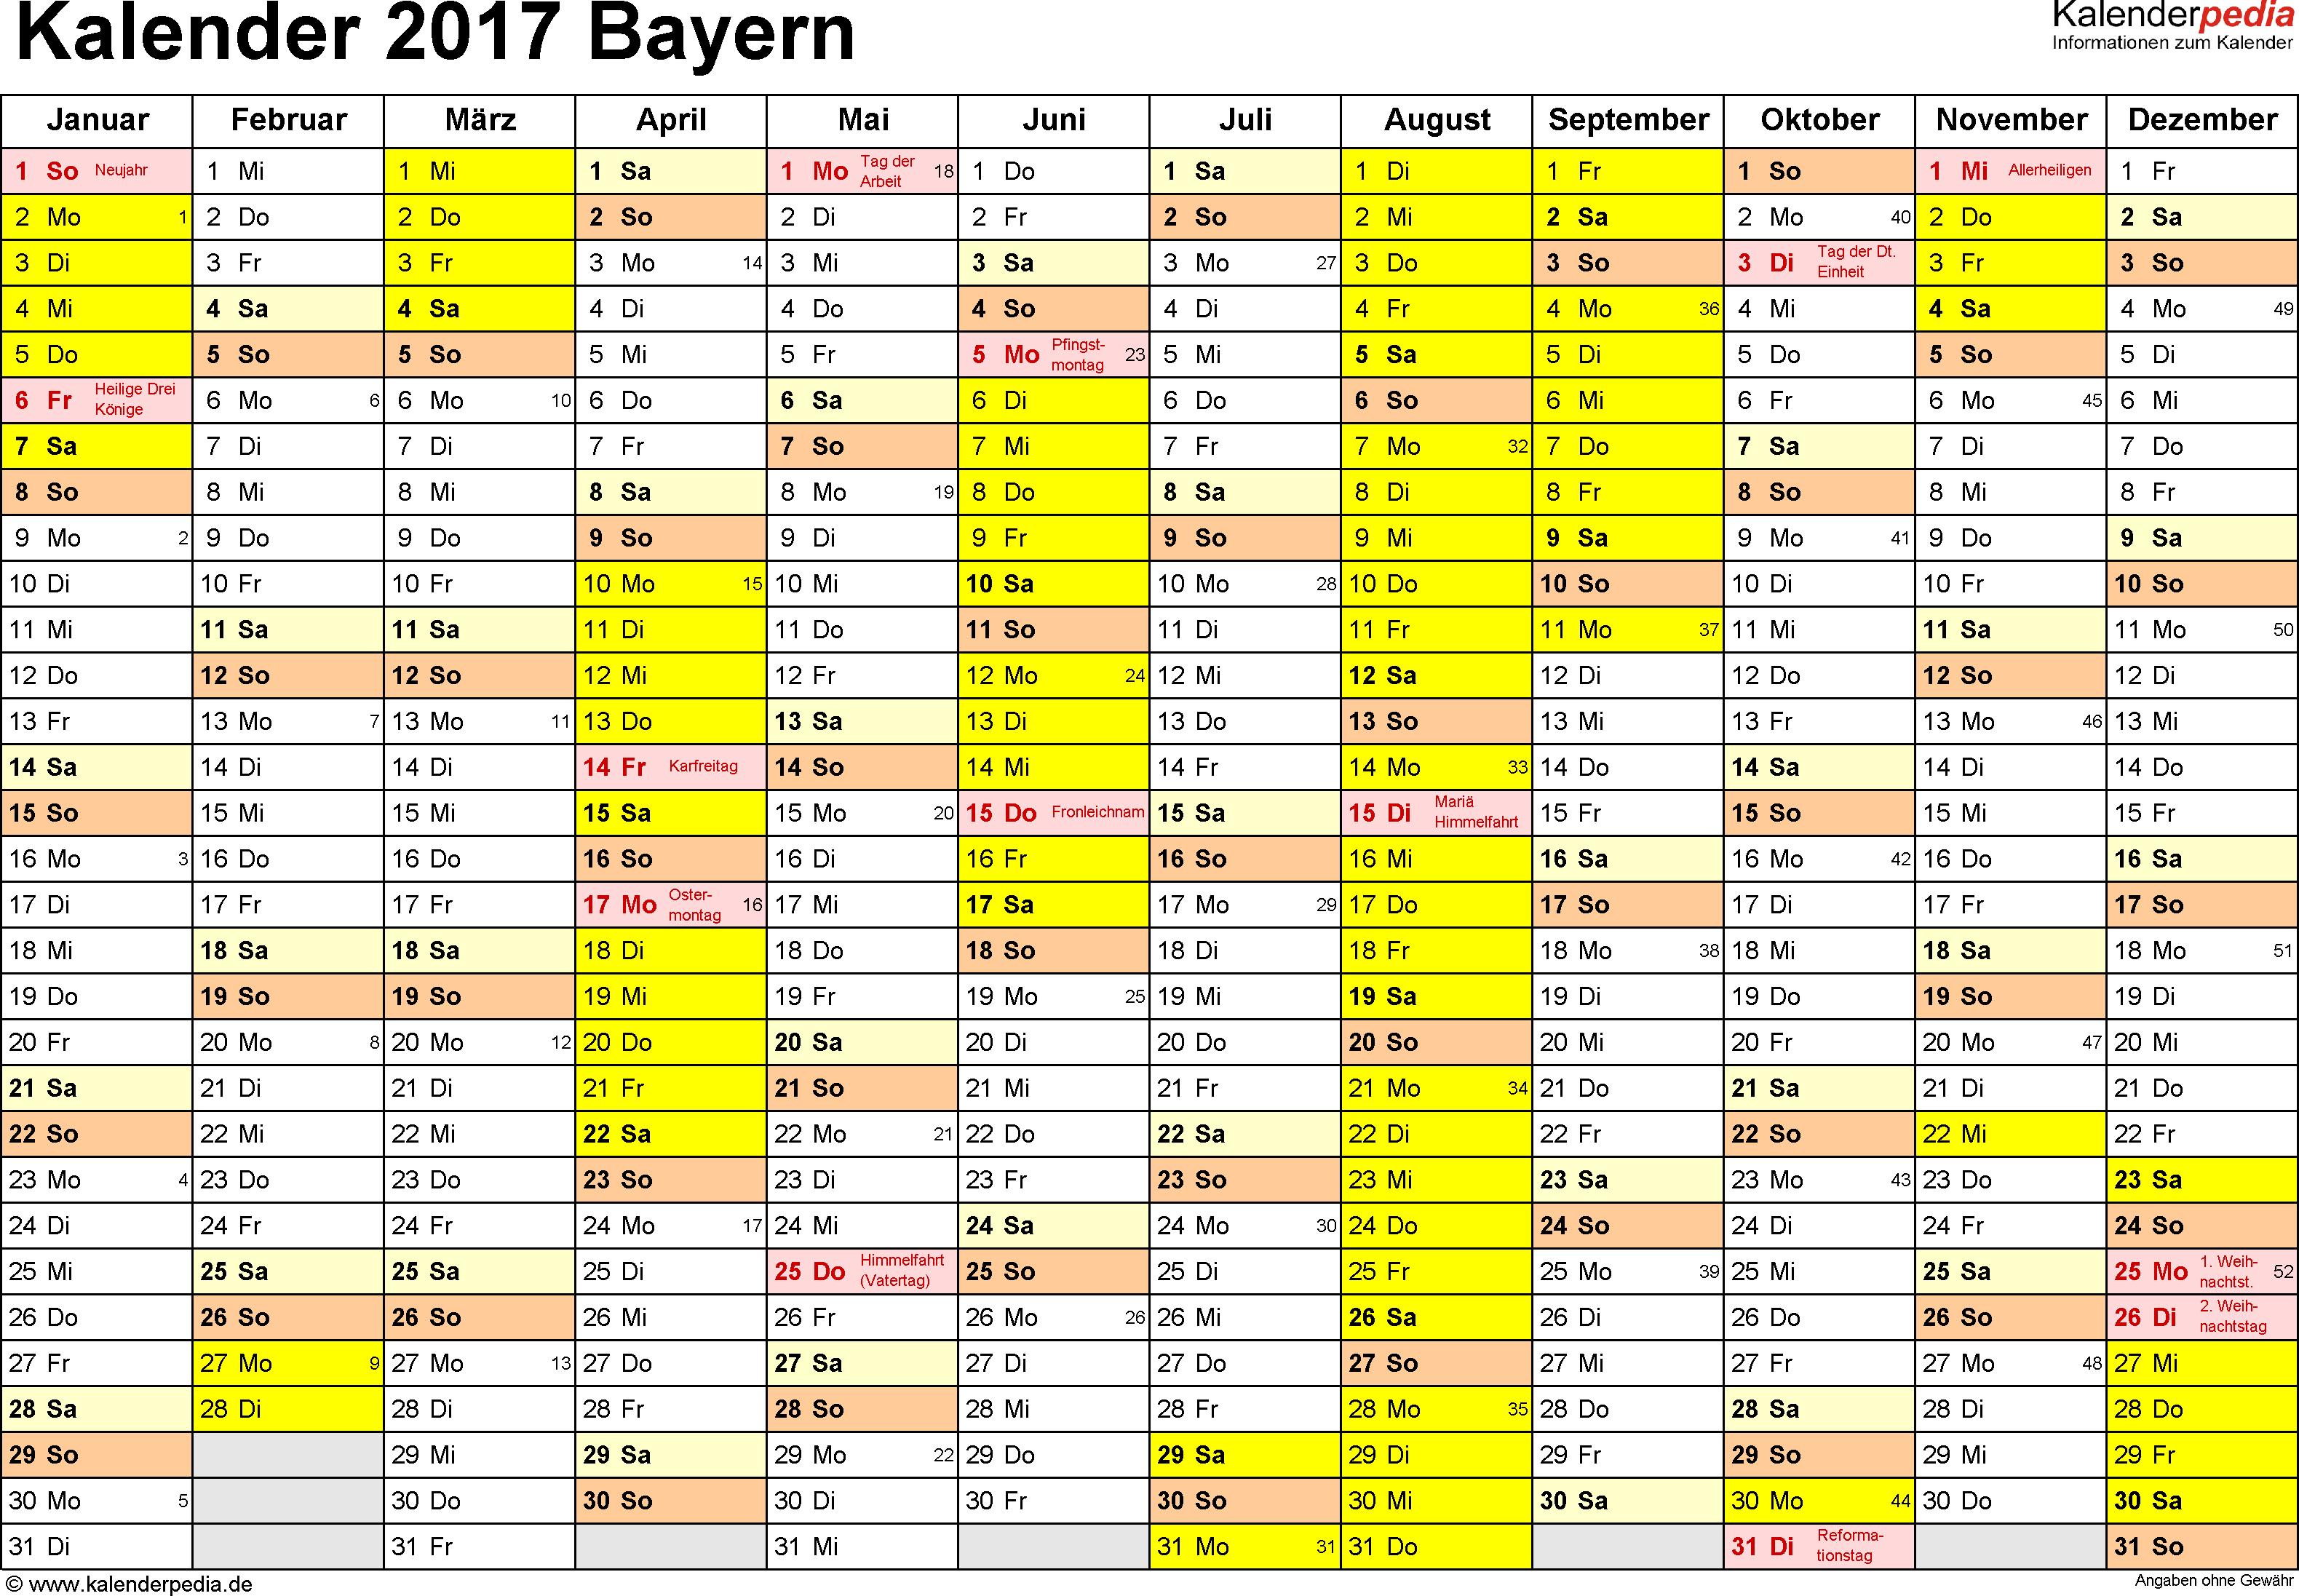 Vorlage 1: Kalender 2017 für Bayern als PDF-Vorlage (Querformat, 1 Seite)